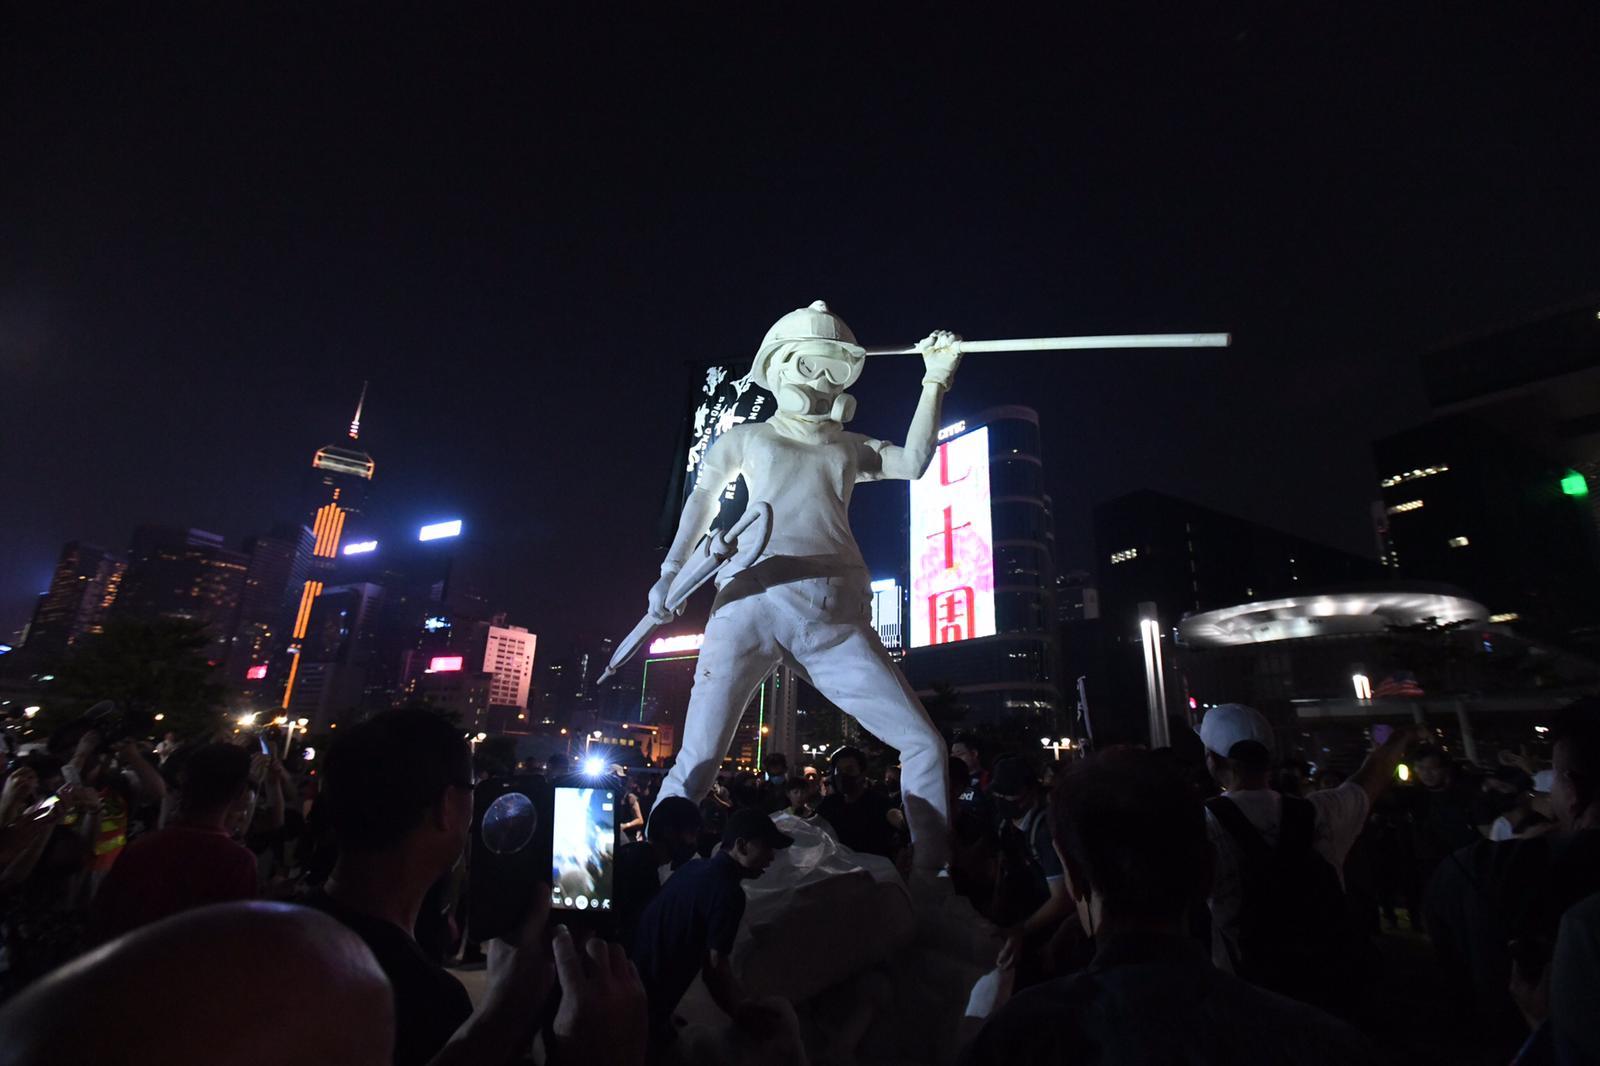 【修例风波】民阵:添马公园集会提早结束 料20至30万人参与